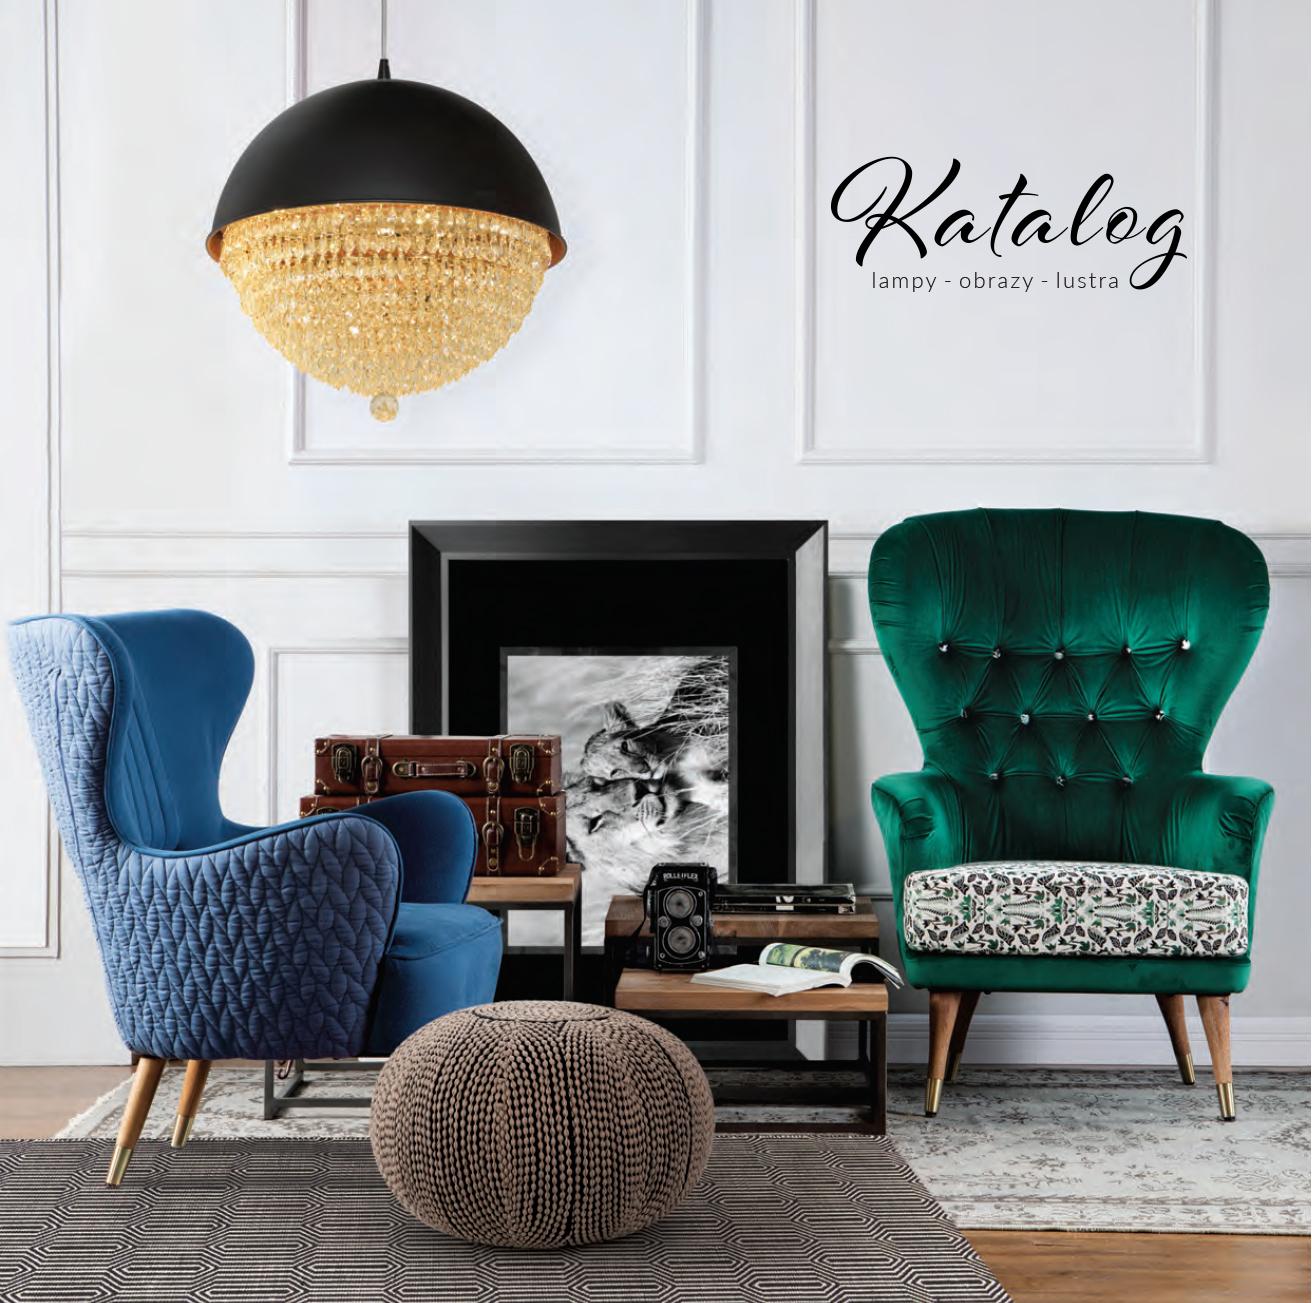 Gazetka: Katalog lampy, obrazy, lustra 2018 - strona 1